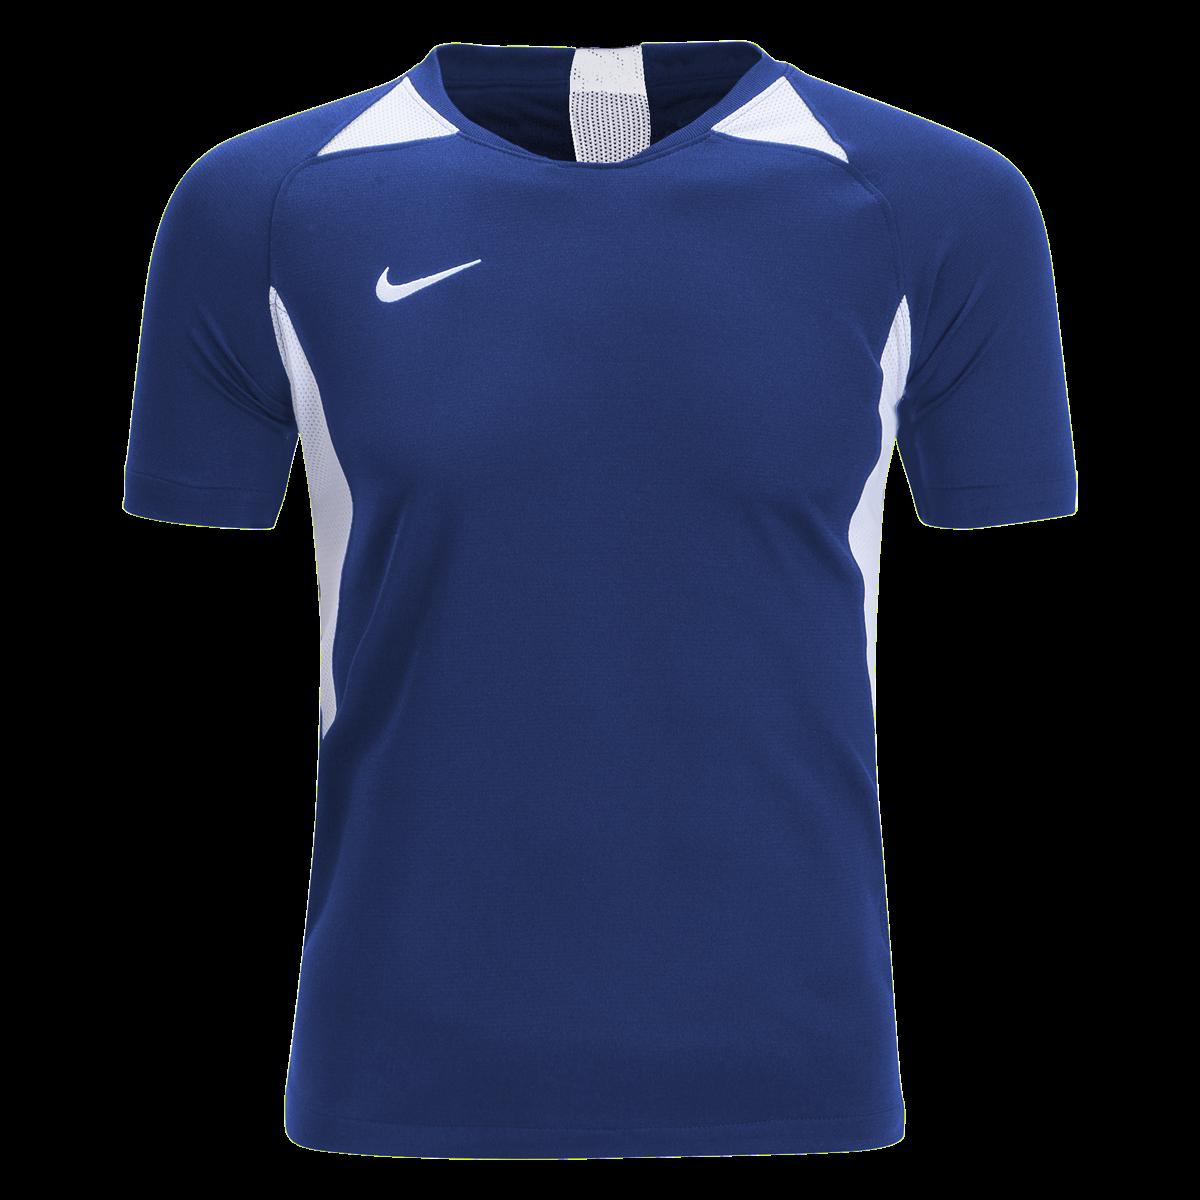 Nike Legend Jerseyblackxl Nike, Nike swoosh logo, Mens